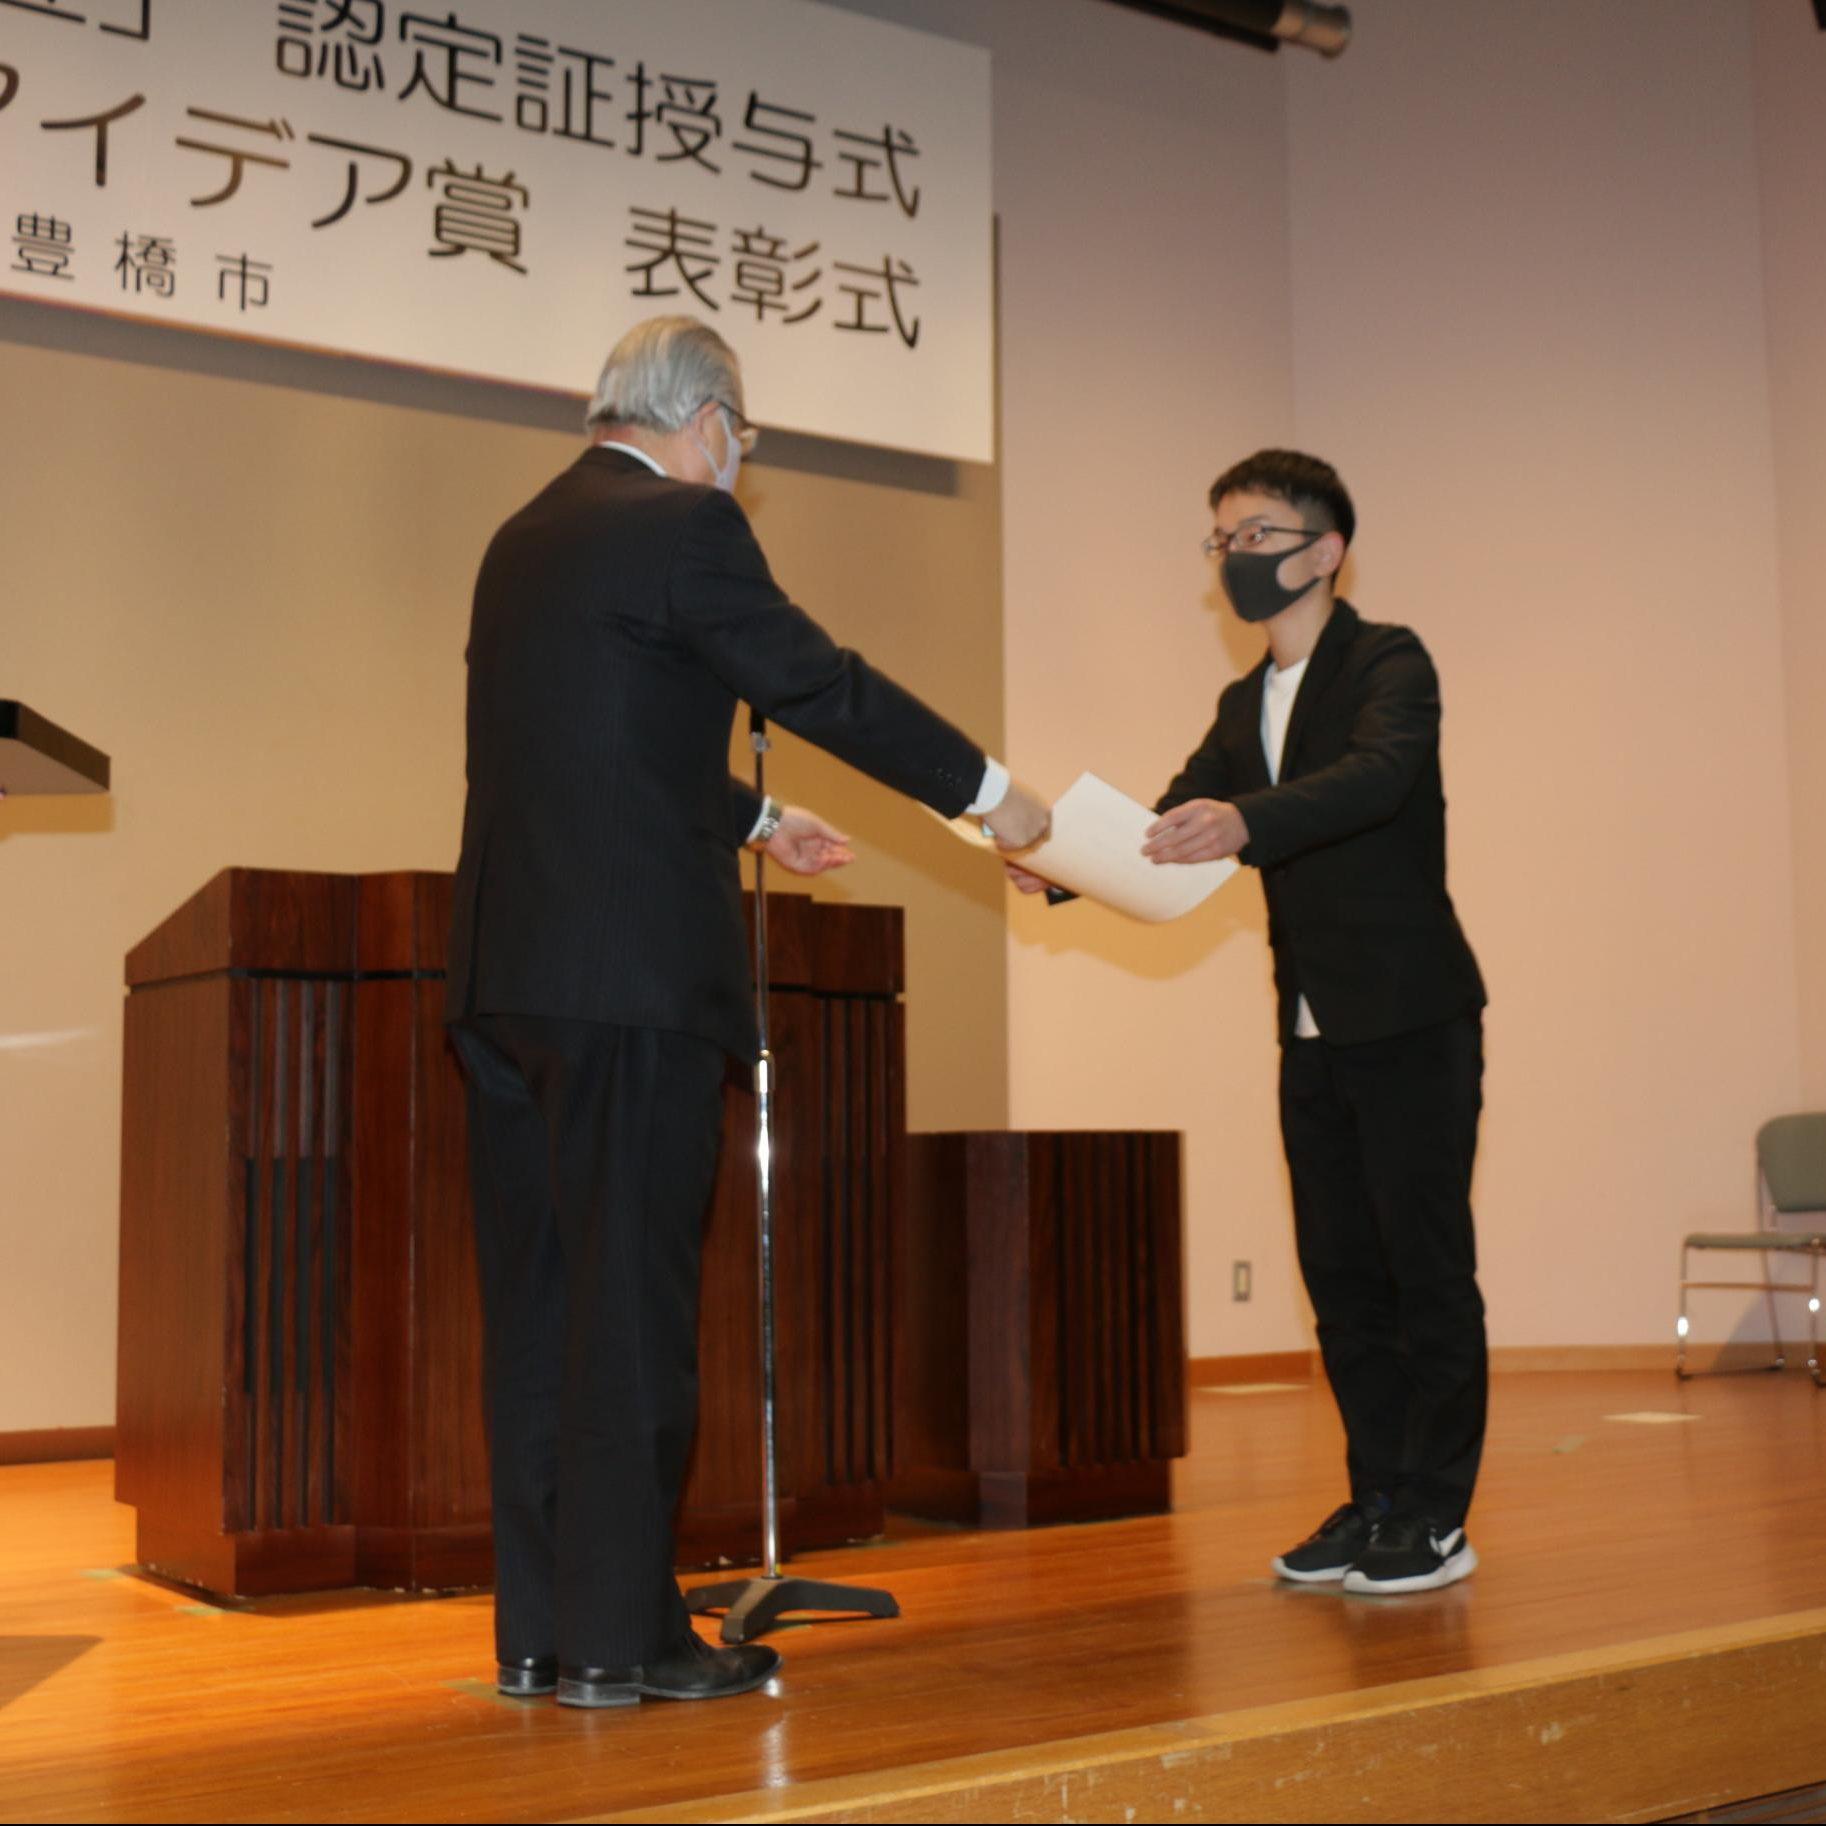 豊橋市「高校生技術アイデア賞」作品部門で最優秀賞を受賞